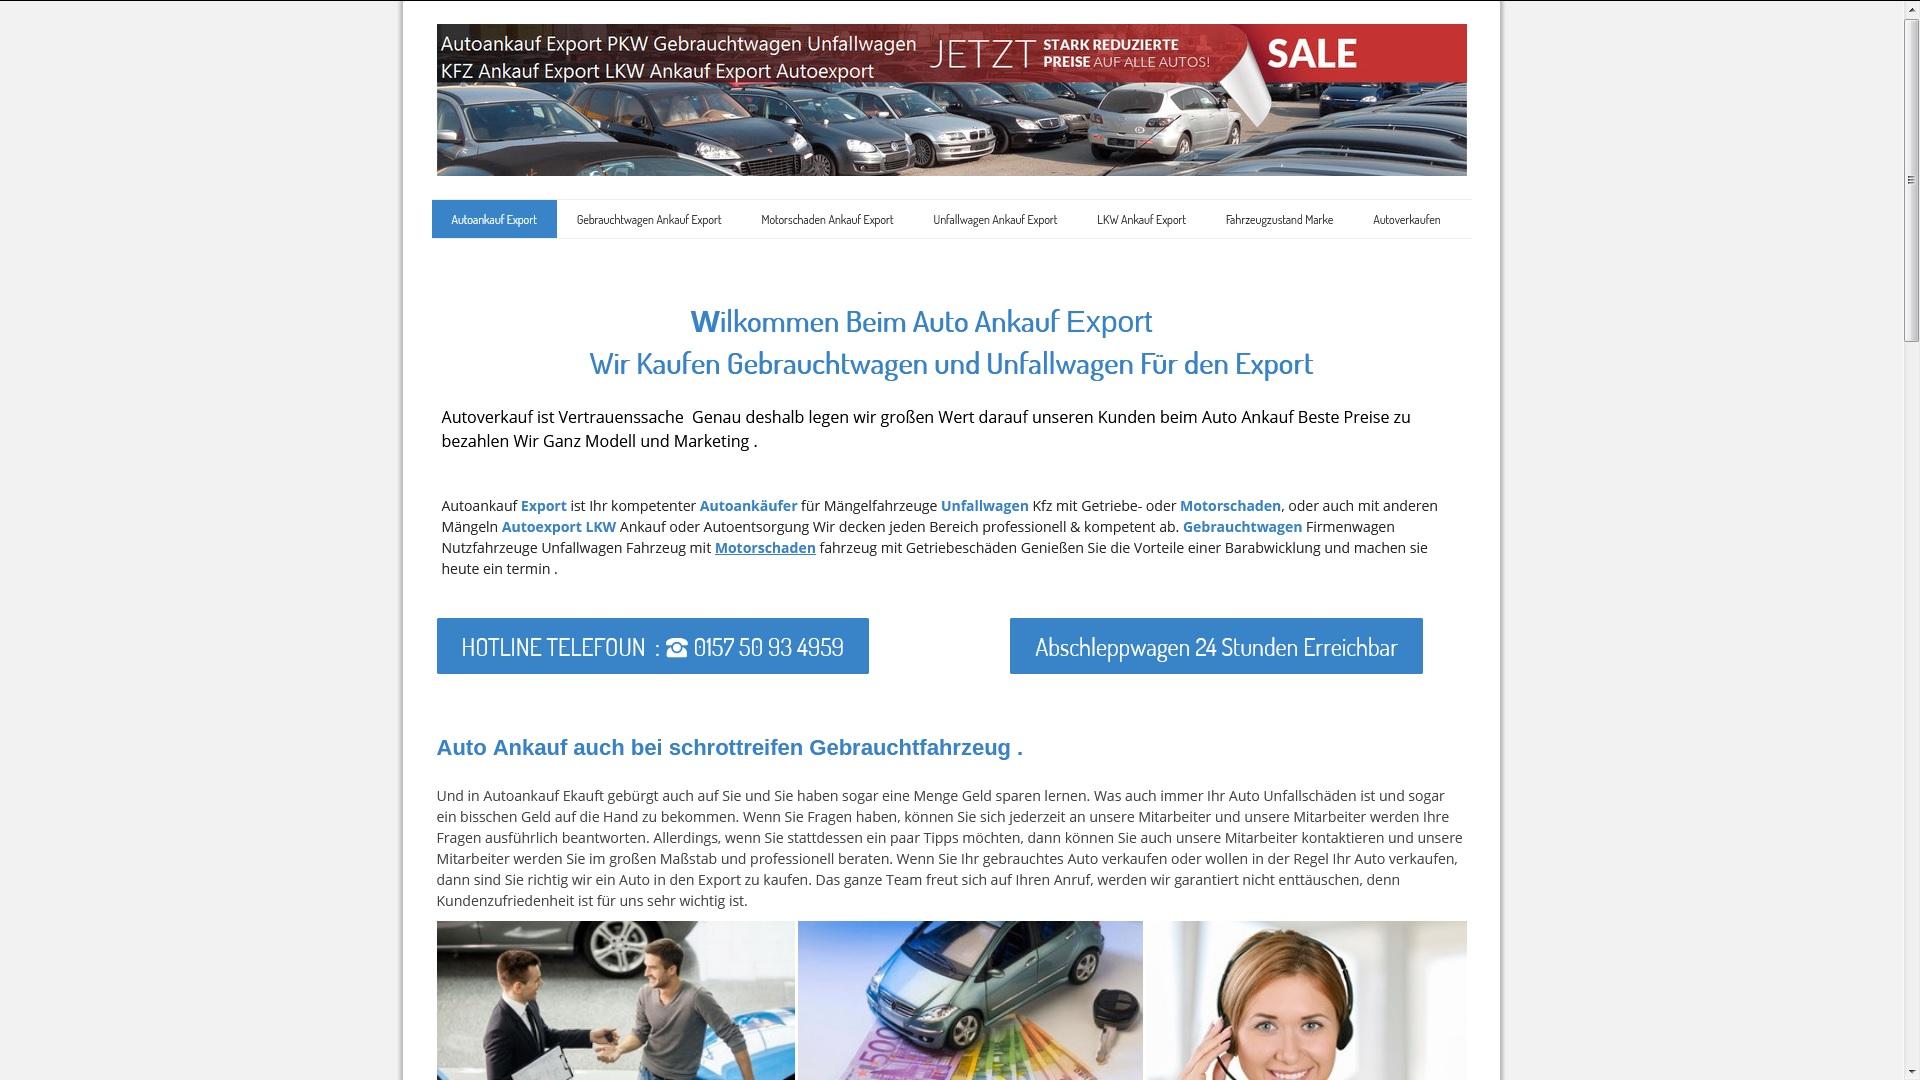 autoankauf rostock kauft unfallwagen fuer den export - Autoankauf Rostock kauft Unfallwagen für den Export